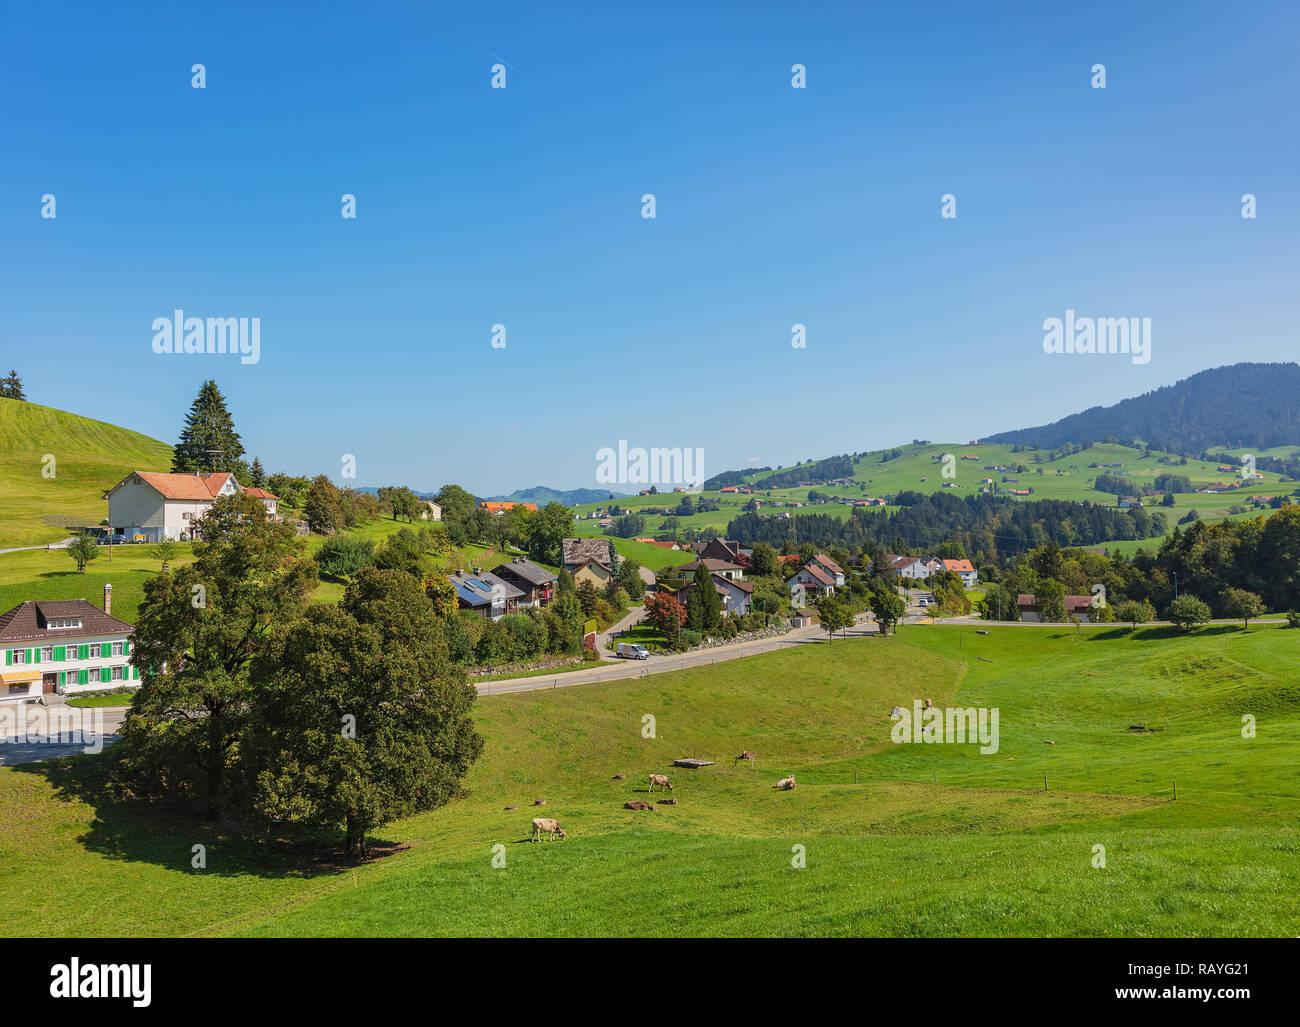 Auf dem Land in der Schweiz im Herbst - das Bild wurde im September in der Nähe von Appenzell. Stockbild